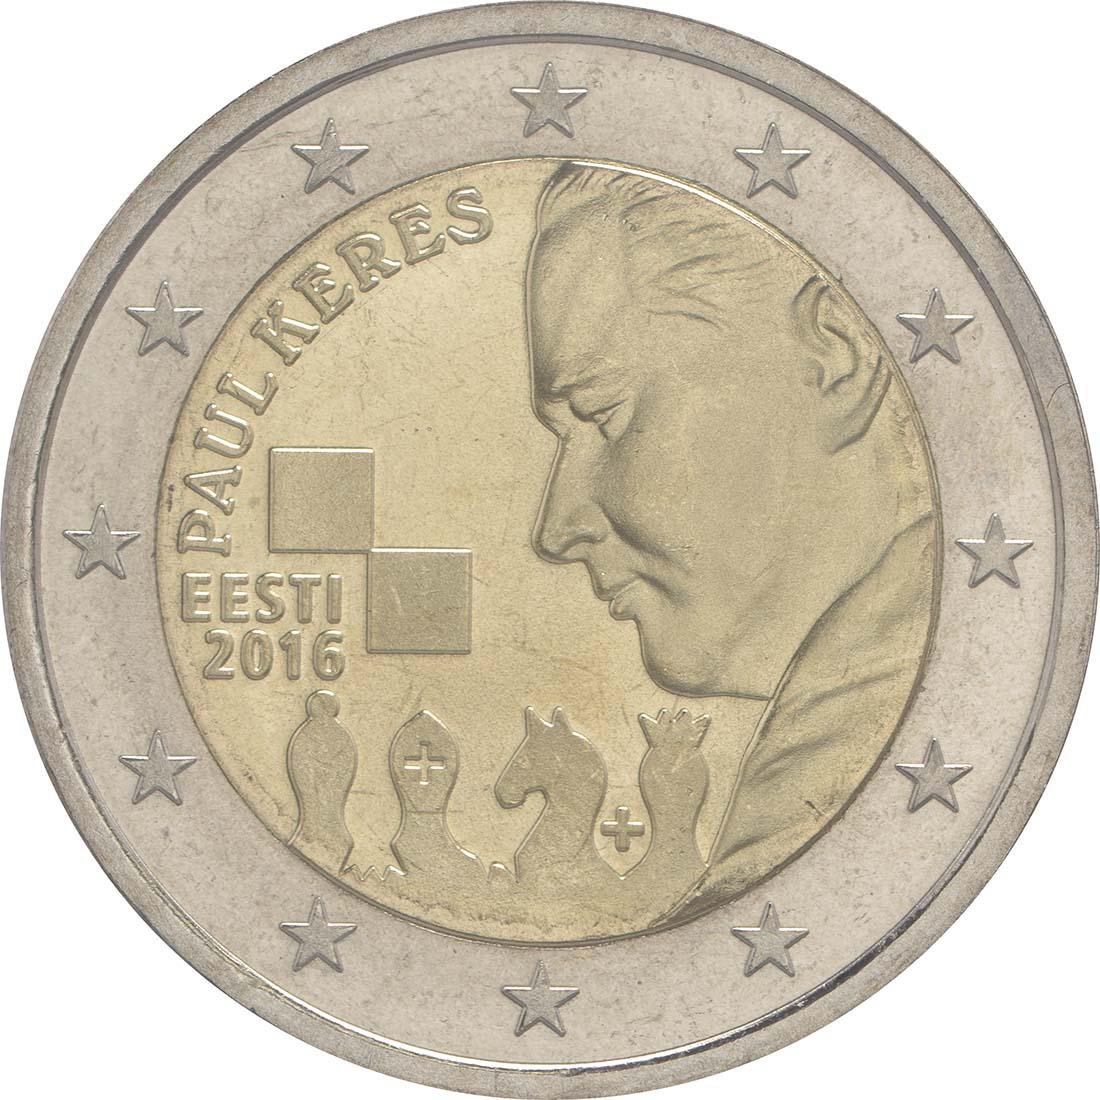 2016 233 Estland Keres.jpg